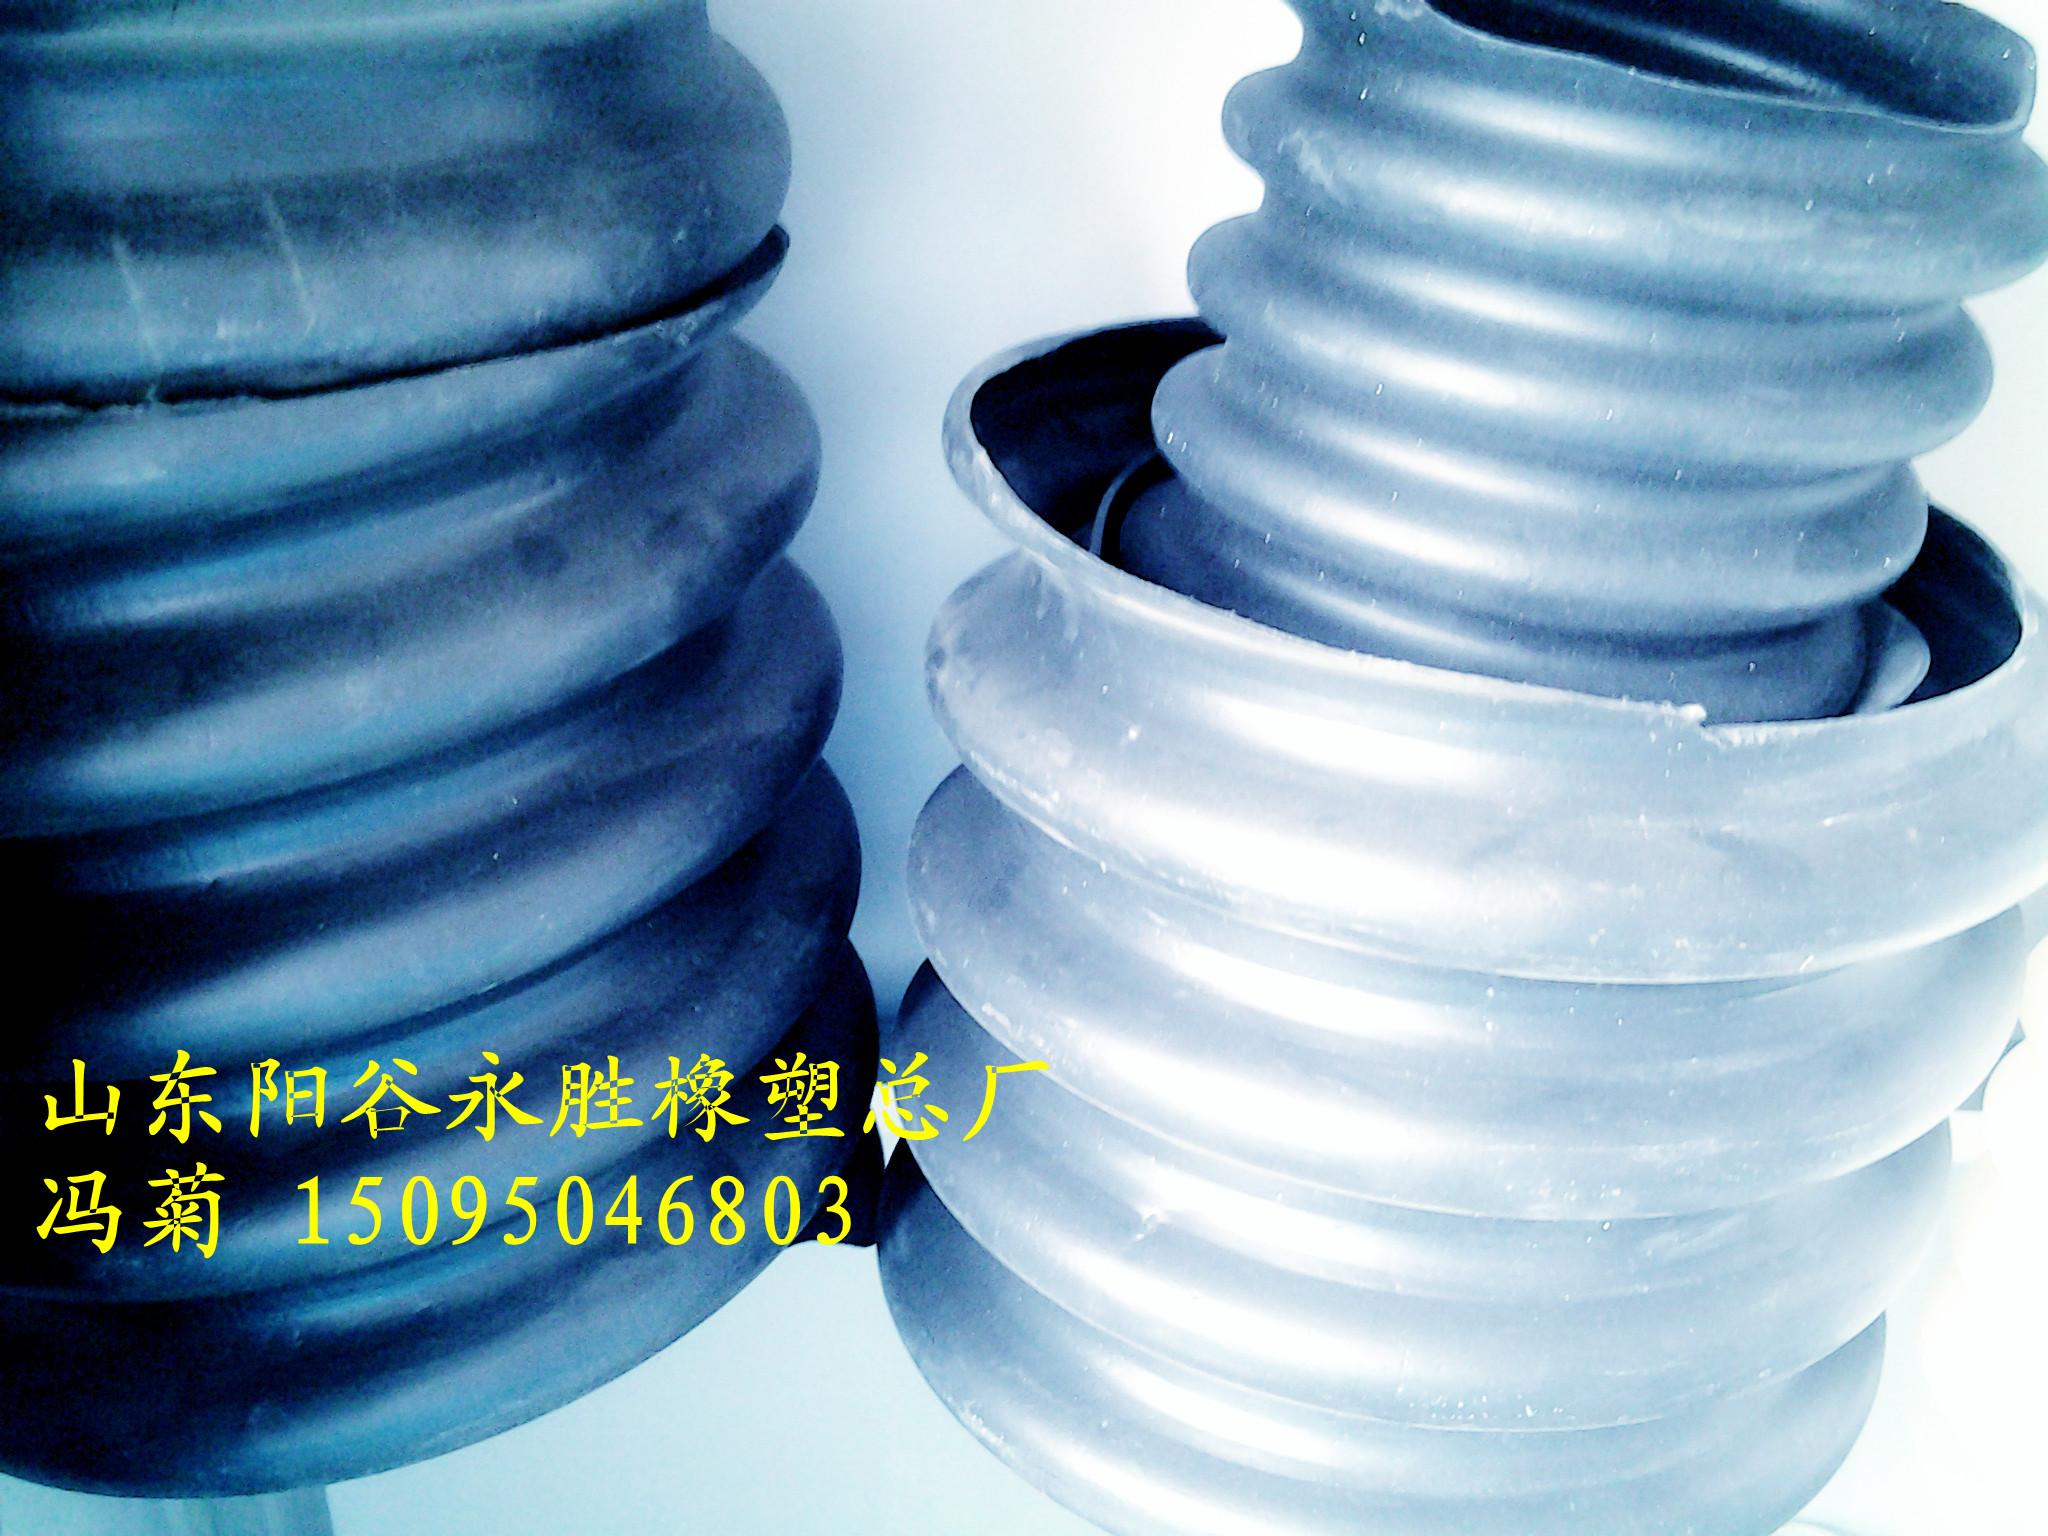 地下缆ICC碳素纤维管 永胜地下缆ICC碳素纤维管